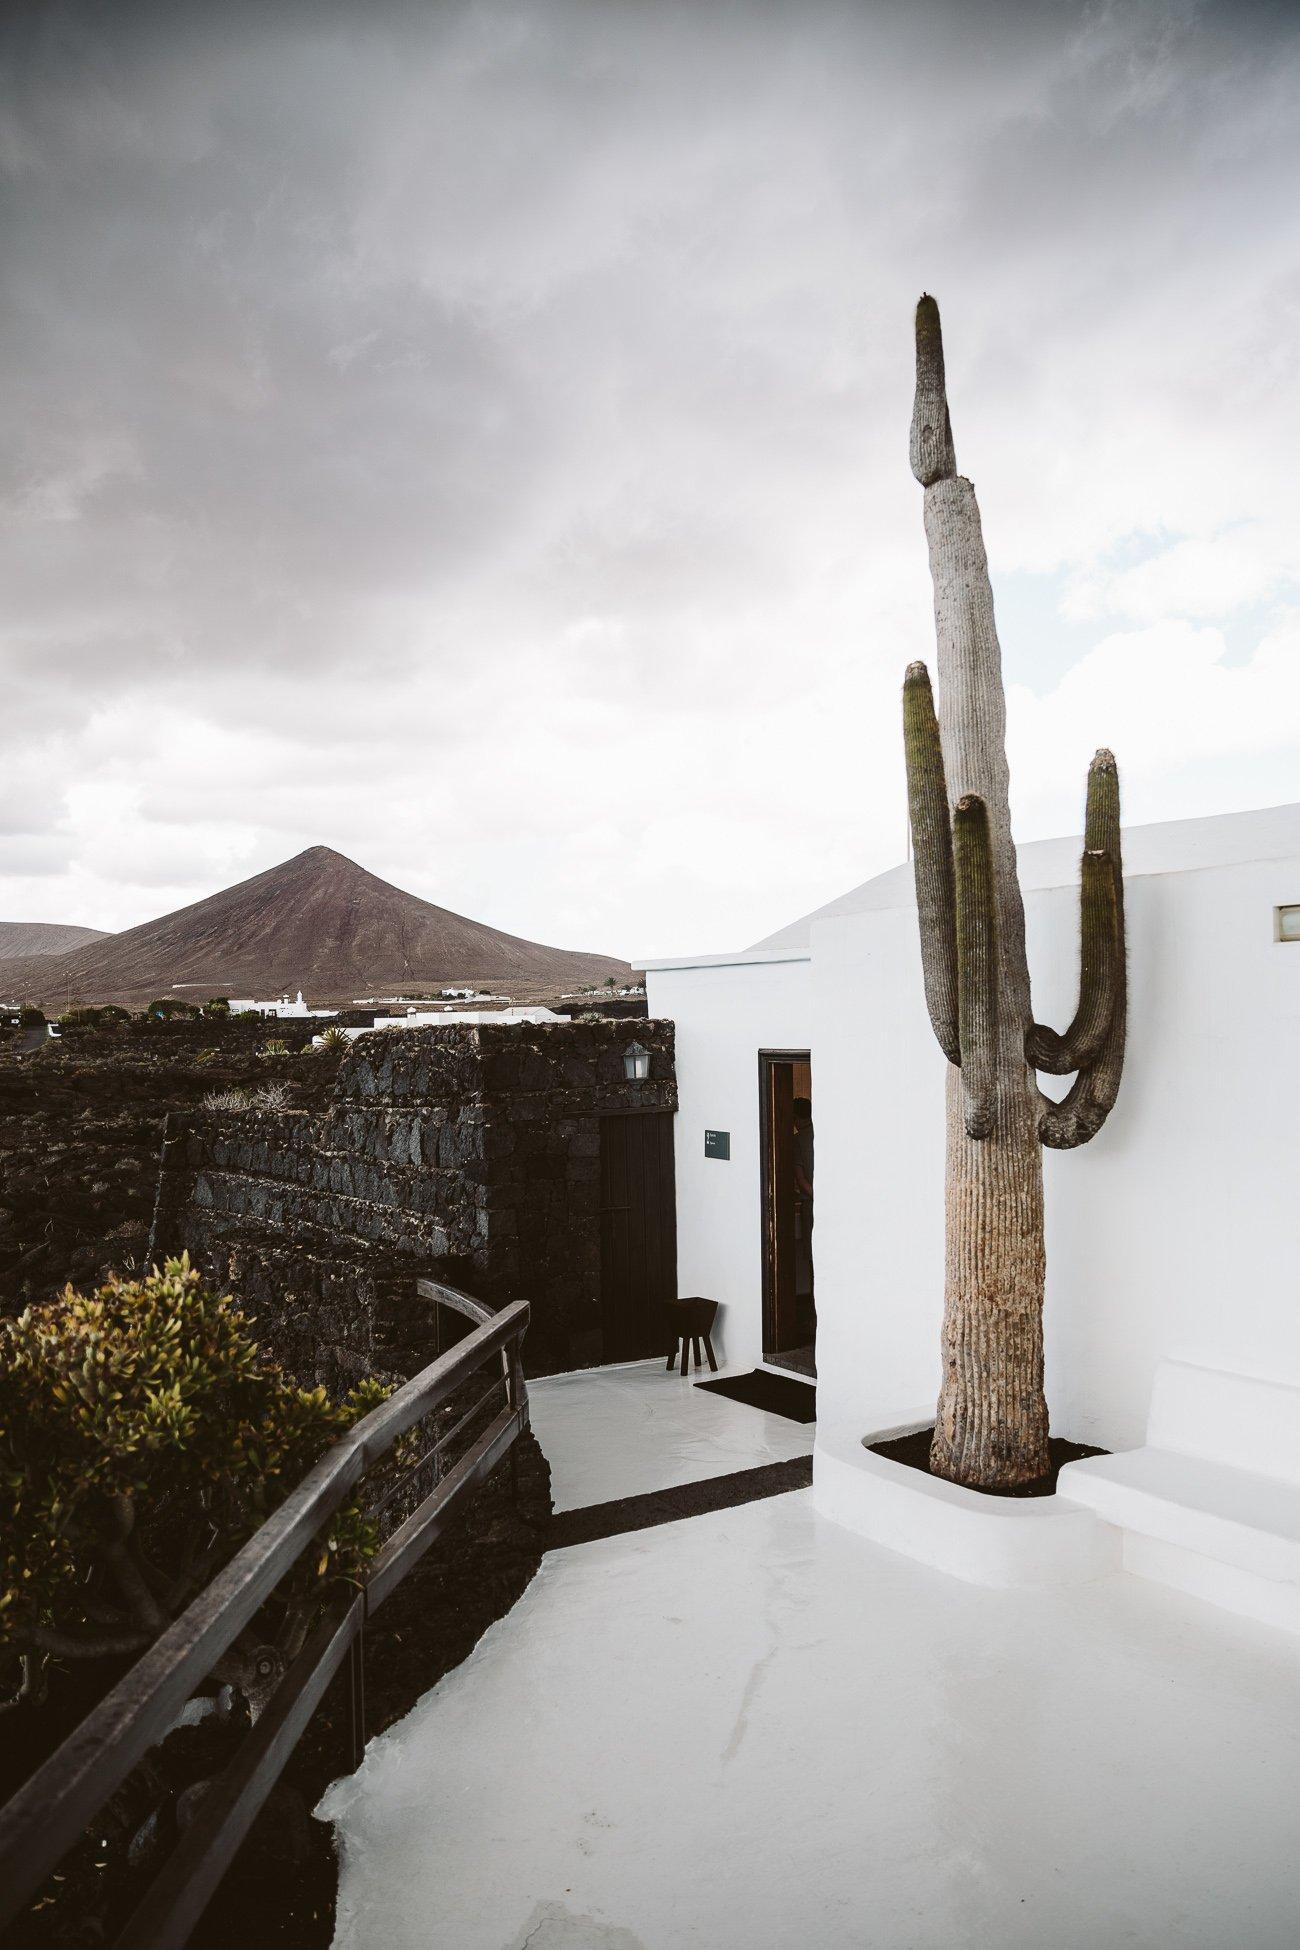 Volcano House by César Manrique Lanzarote